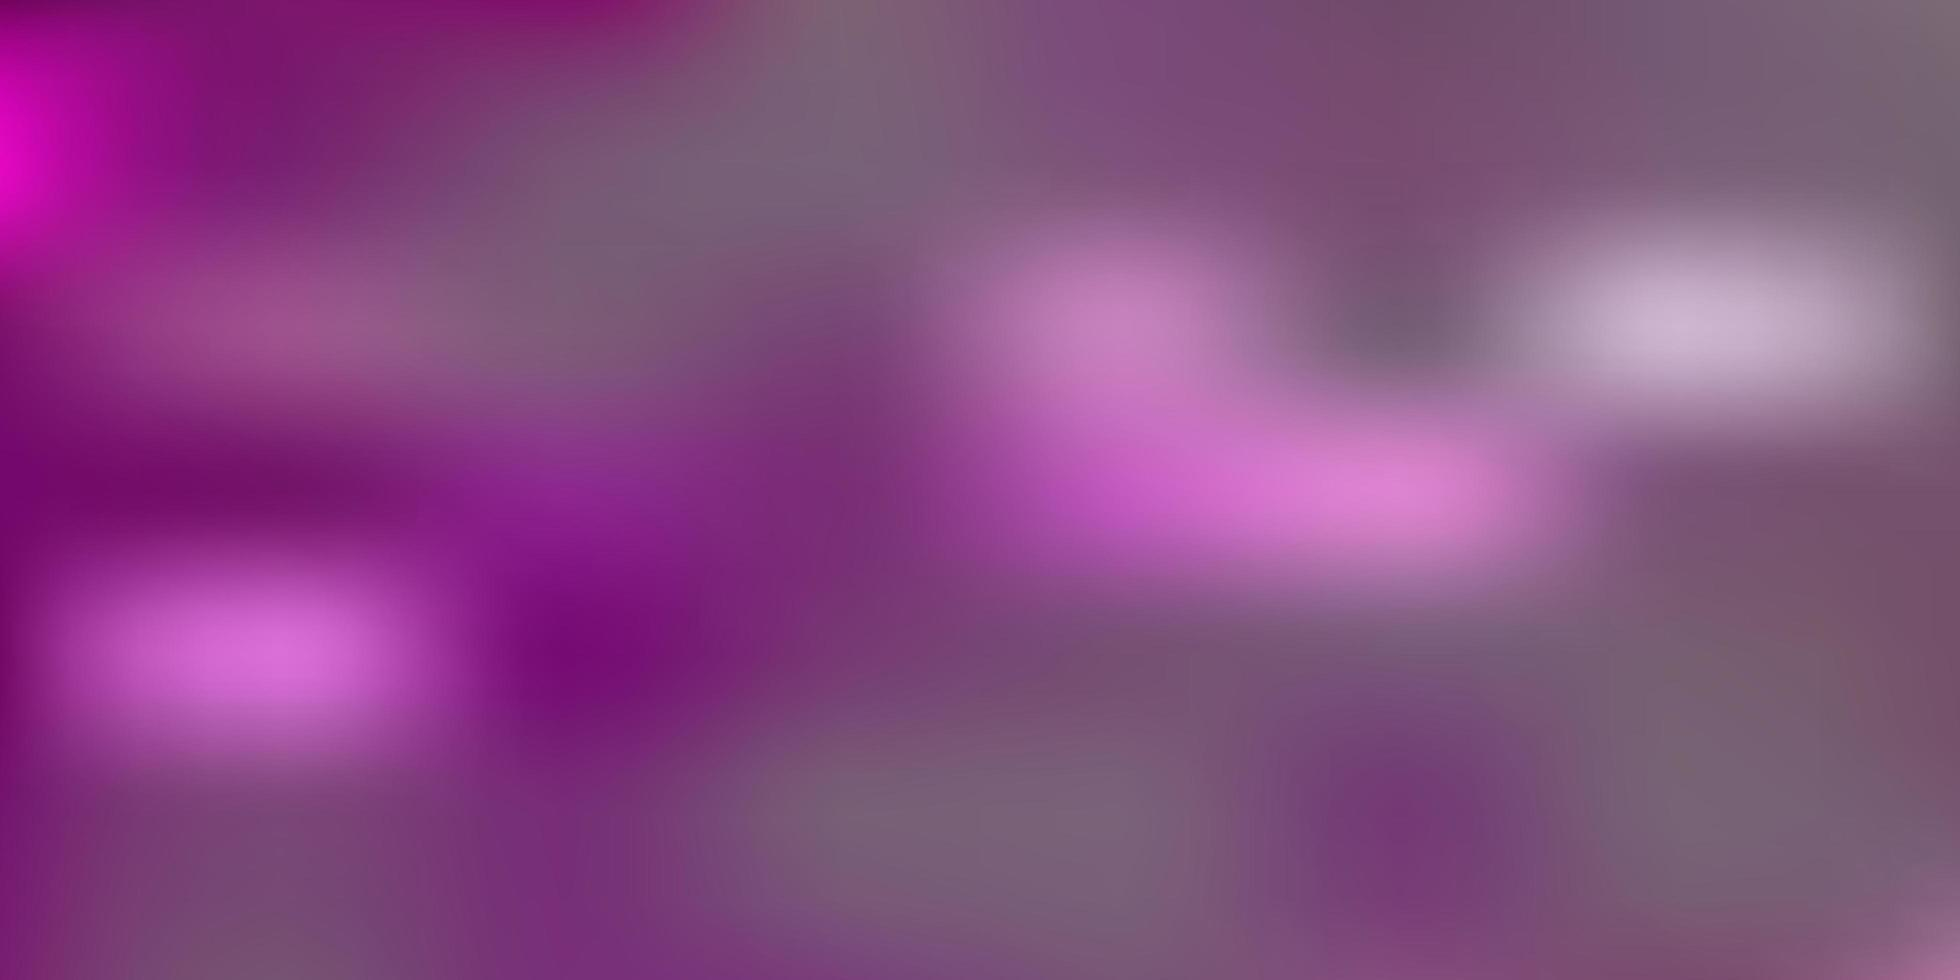 layout de borrão de vetor rosa claro e amarelo.